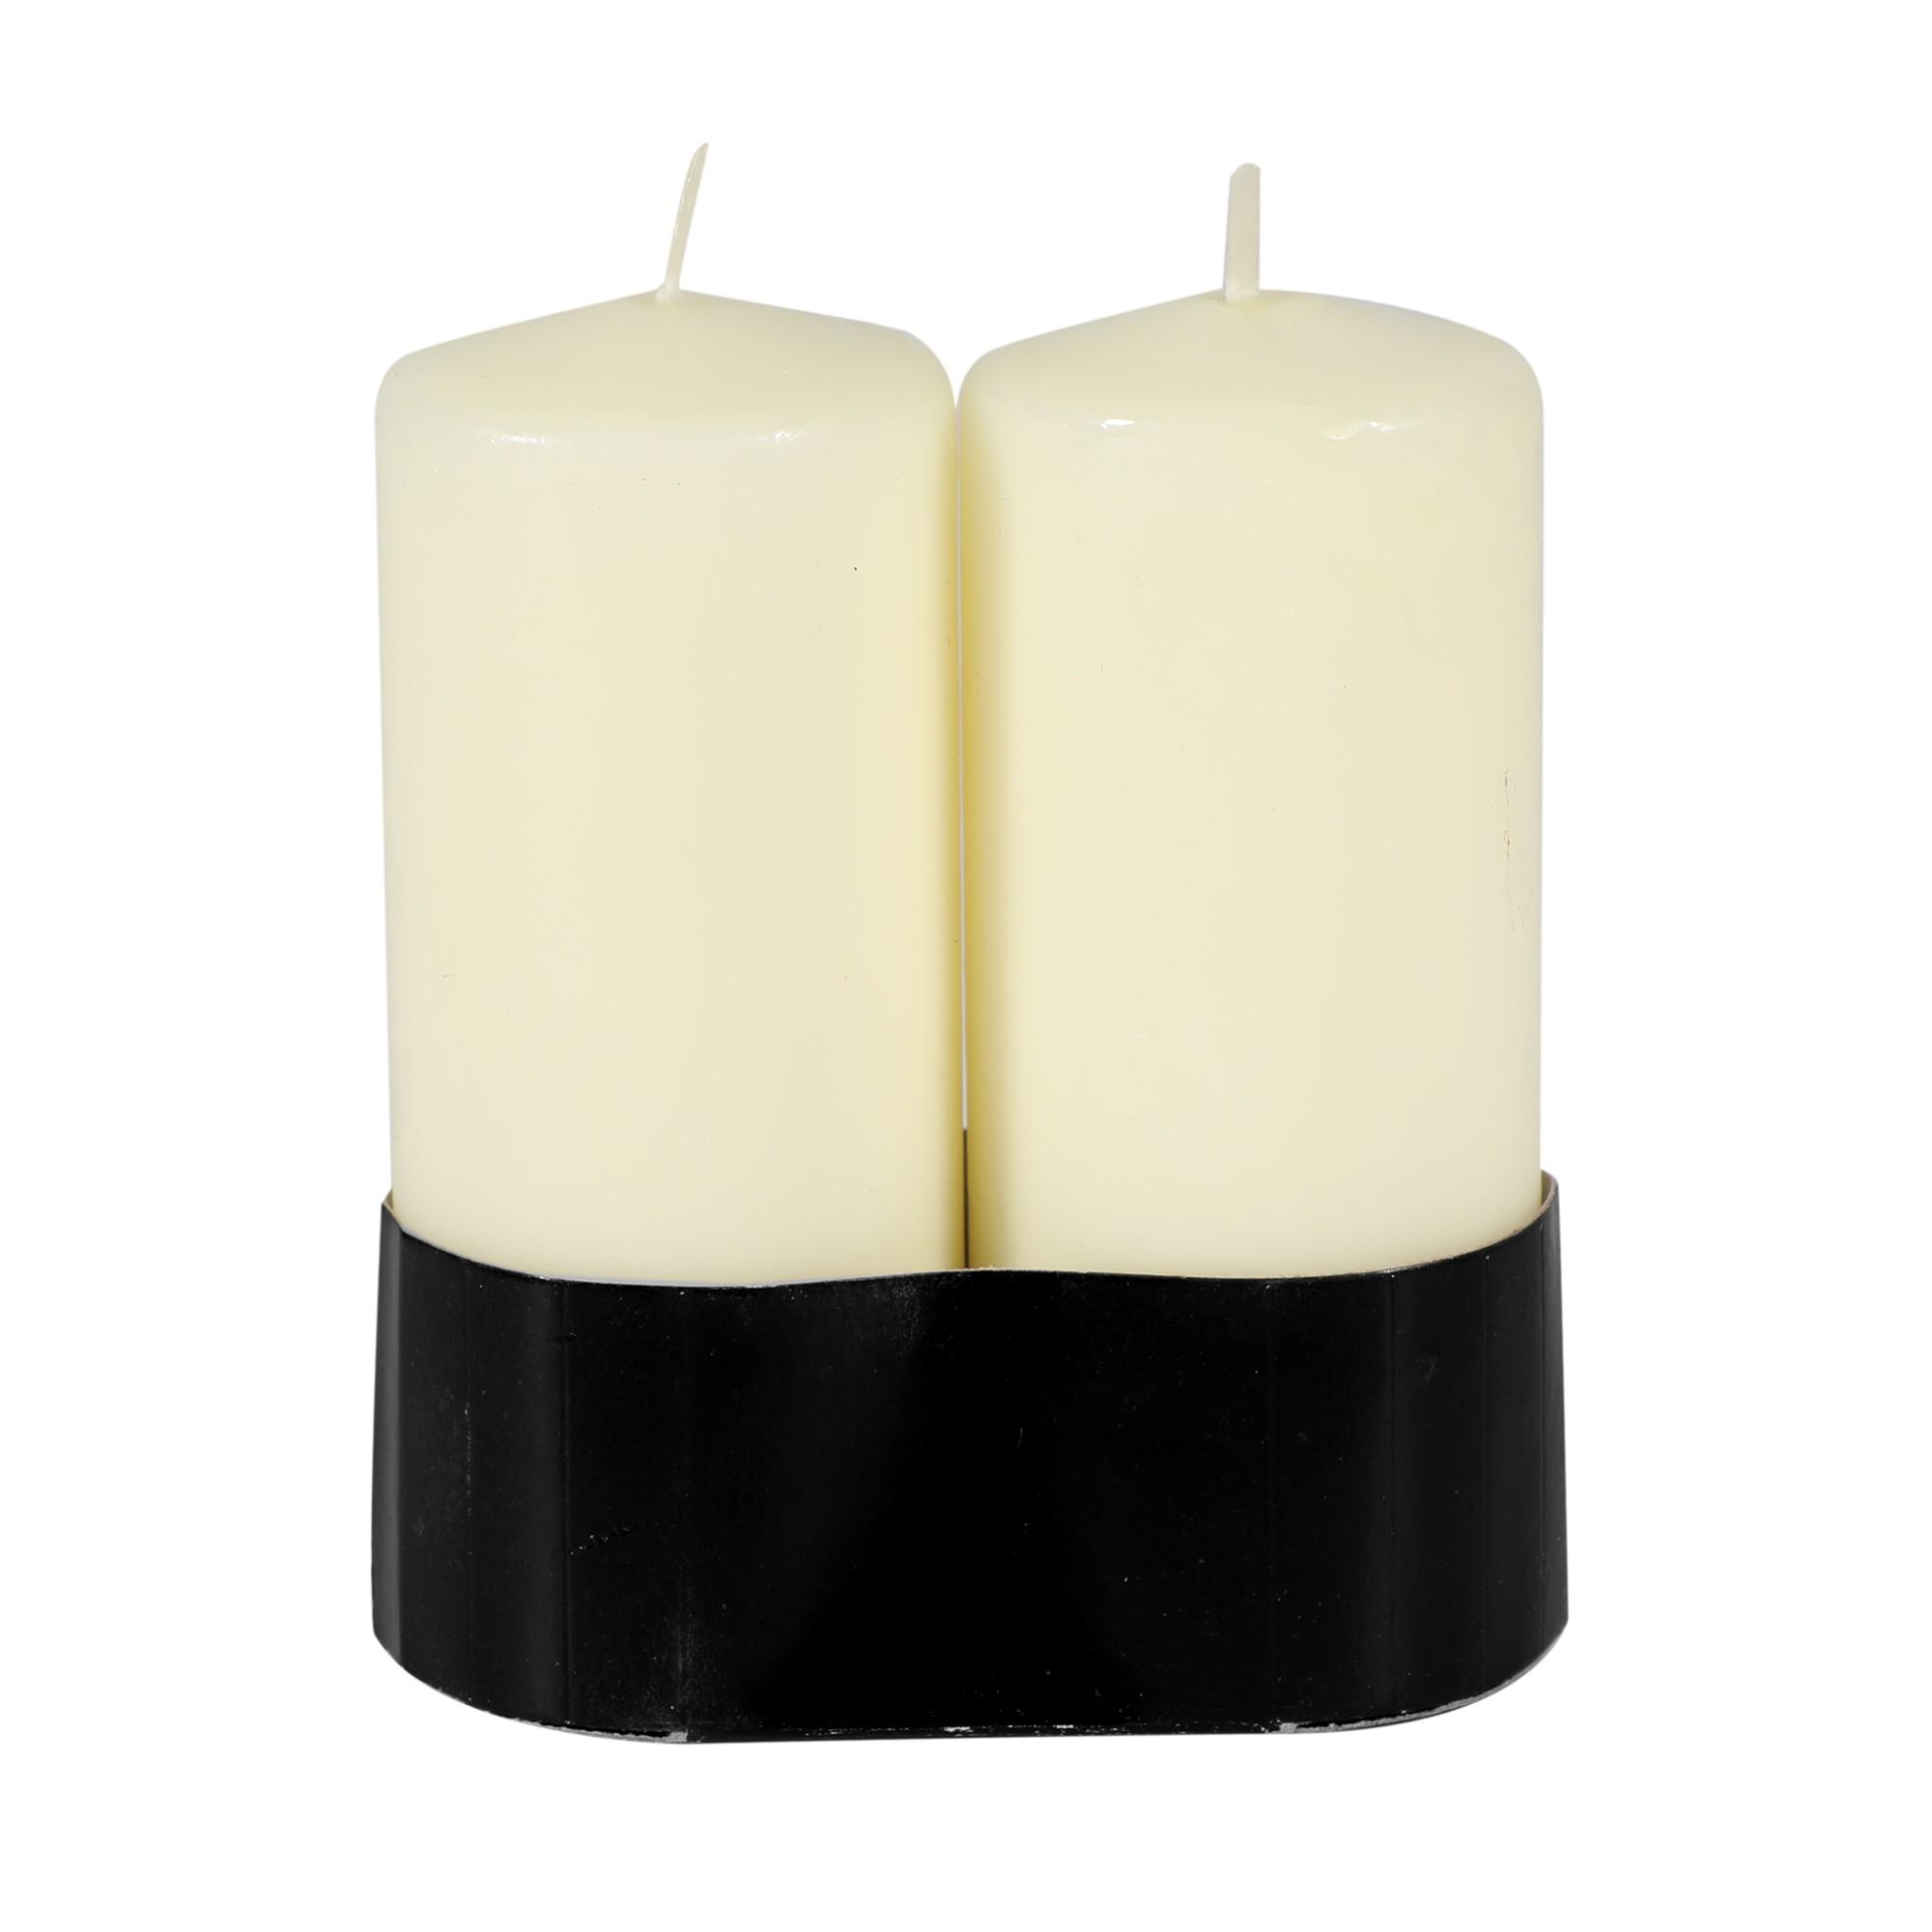 Par de velas cilíndricas marfim